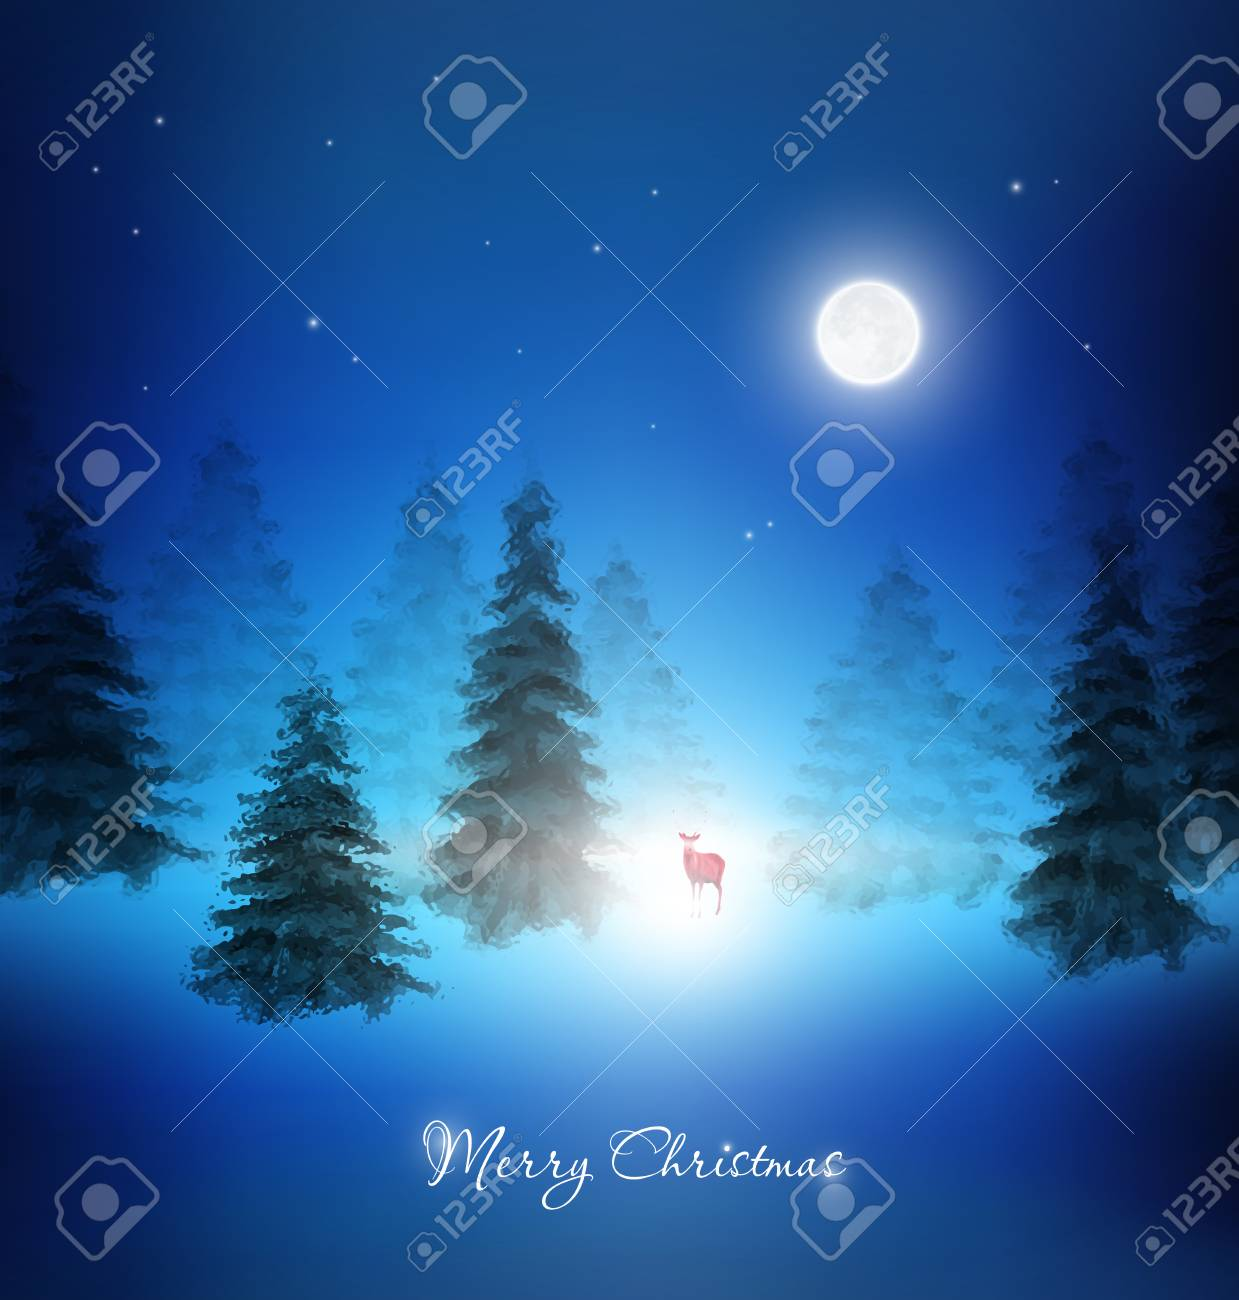 La Notte Di Natale.Priorita Bassa Di Notte Di Natale Wth Renna E Alberi Inverno